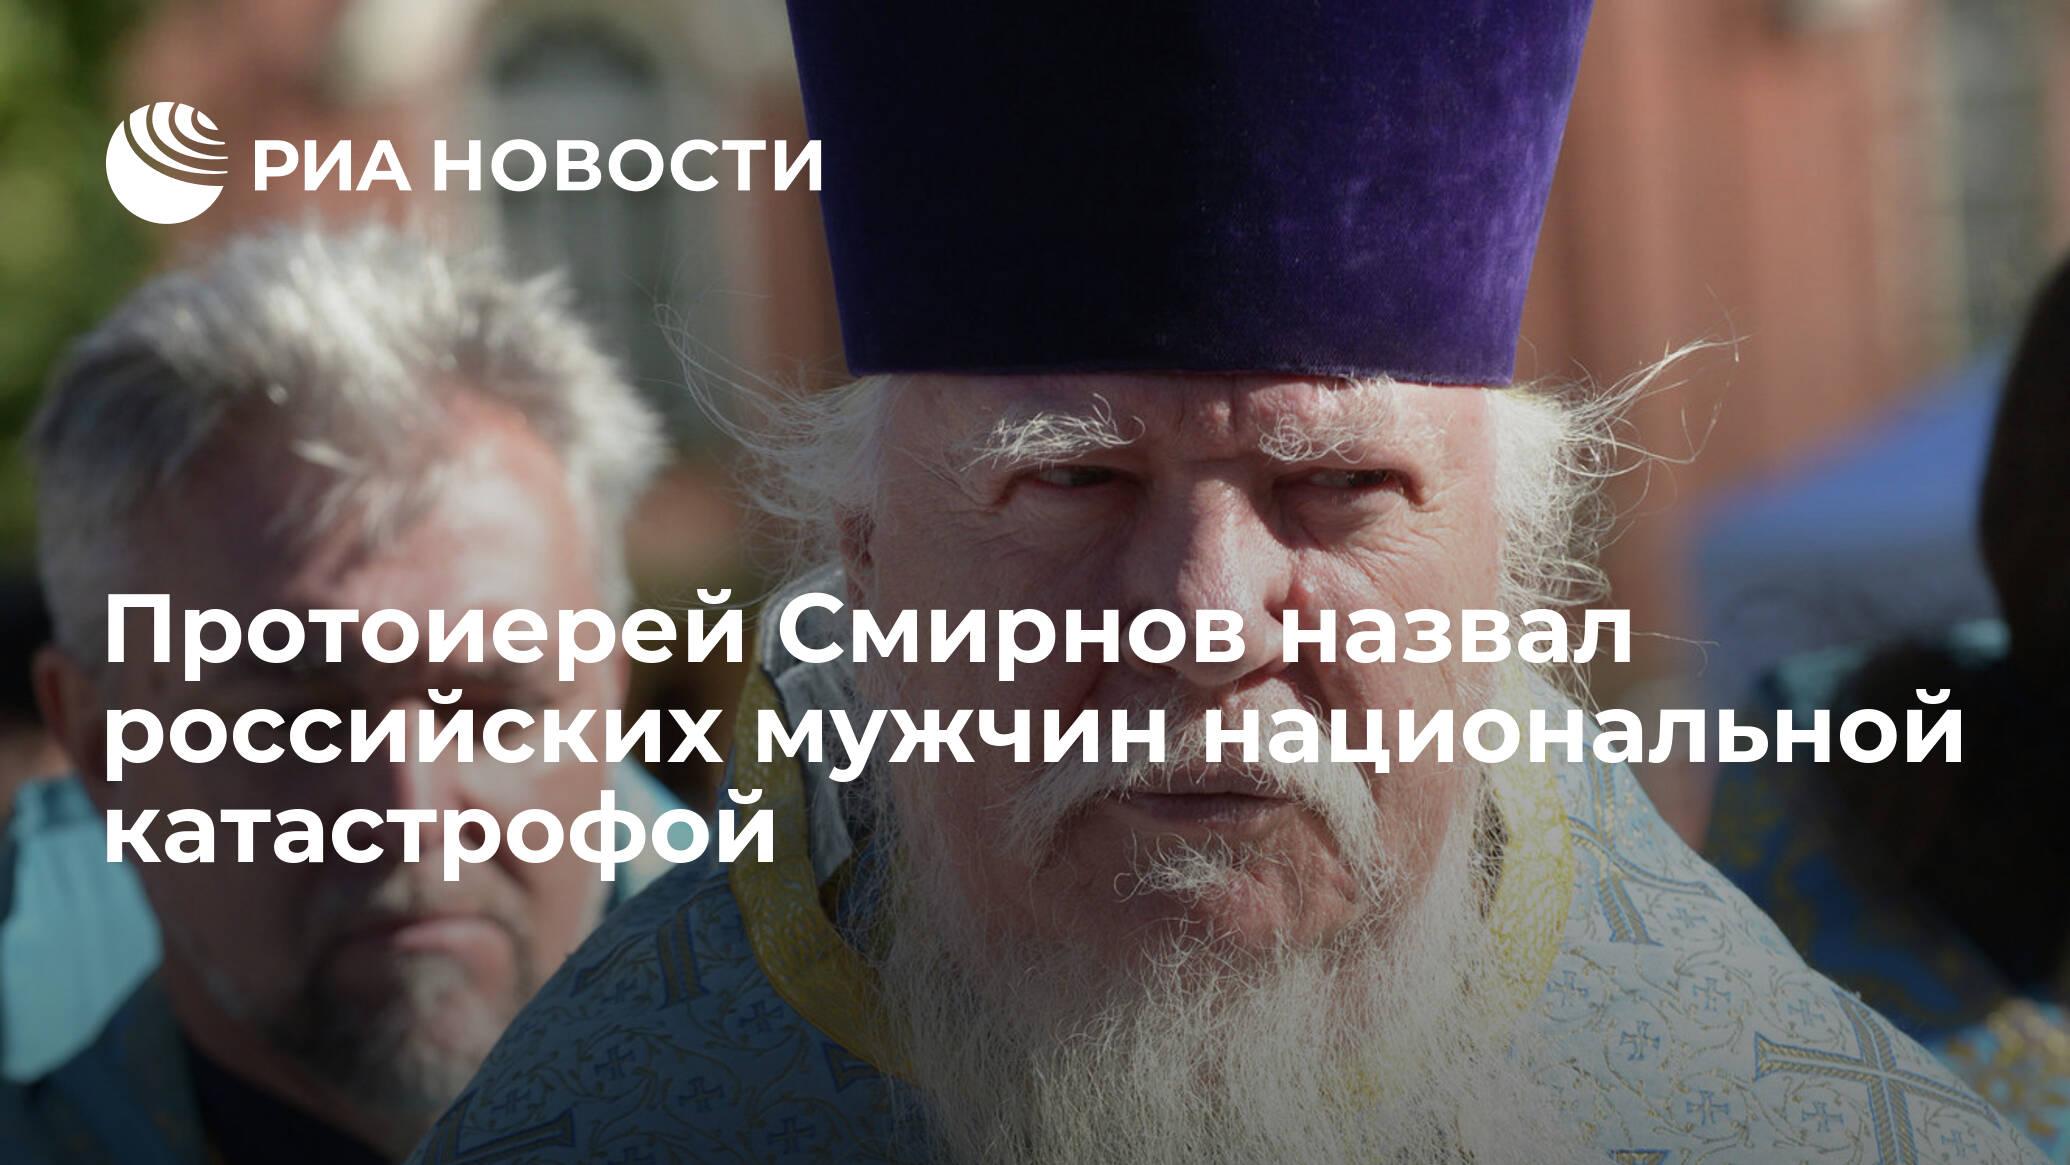 Протоиерей Смирнов назвал российских мужчин национальной катастрофой